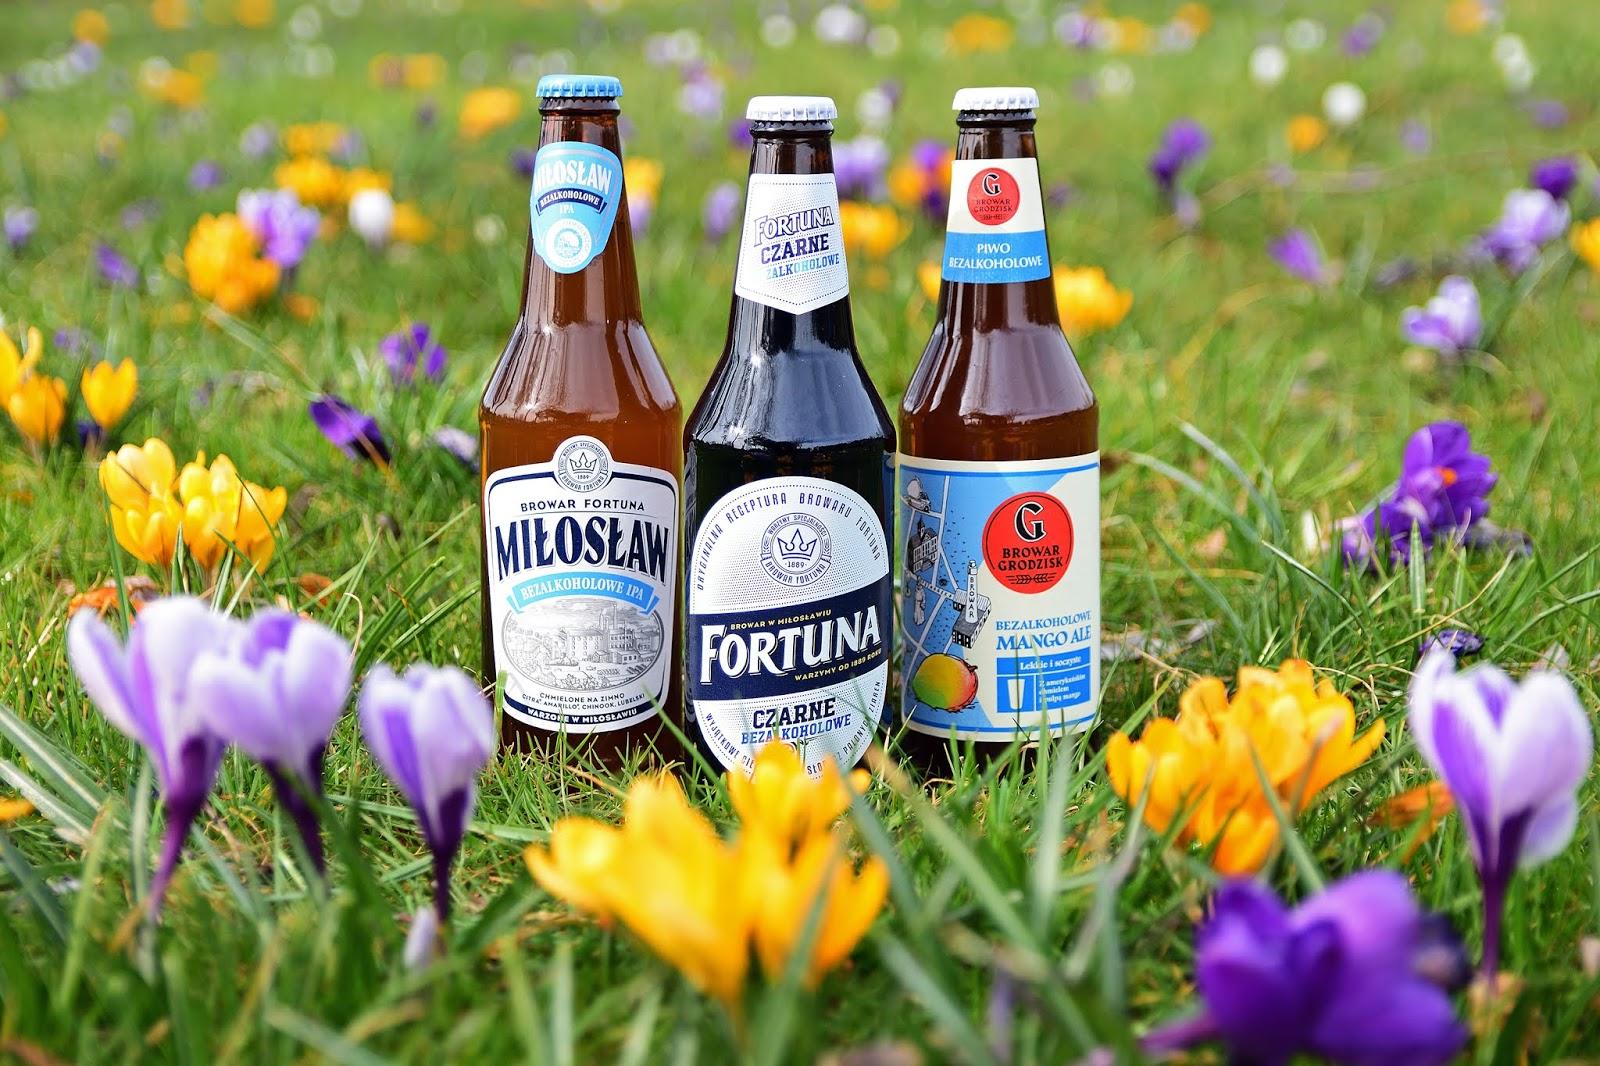 Bezalkoholowa wiosna - Miłosław, Fortuna, Grodzisk